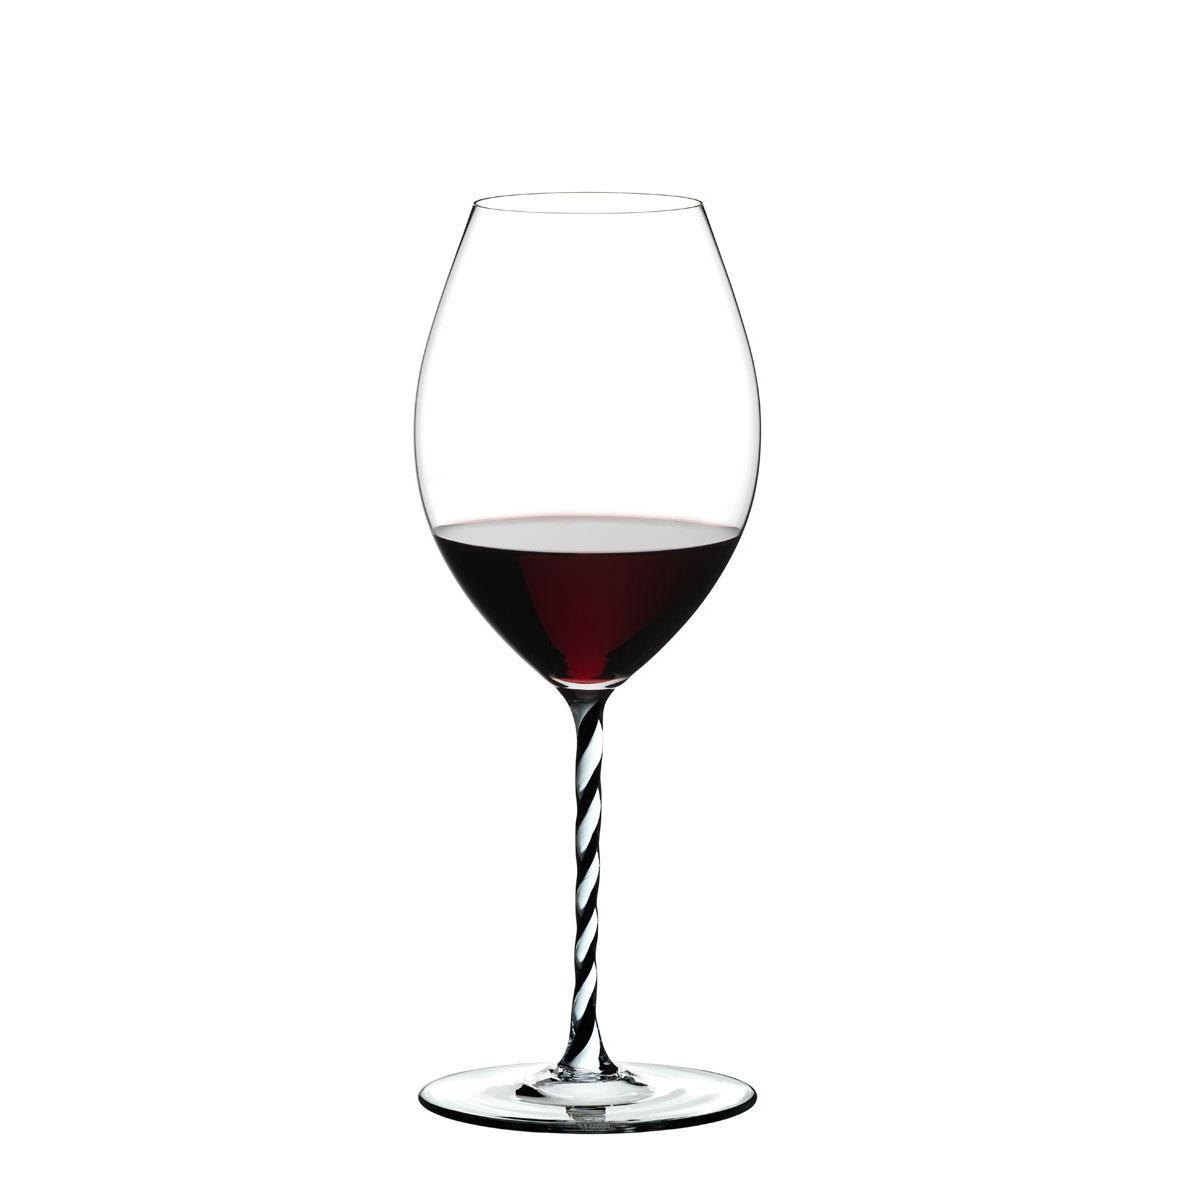 Riedel Fatto A Mano, Old World Syrah, Black and White Twist Wine Glass